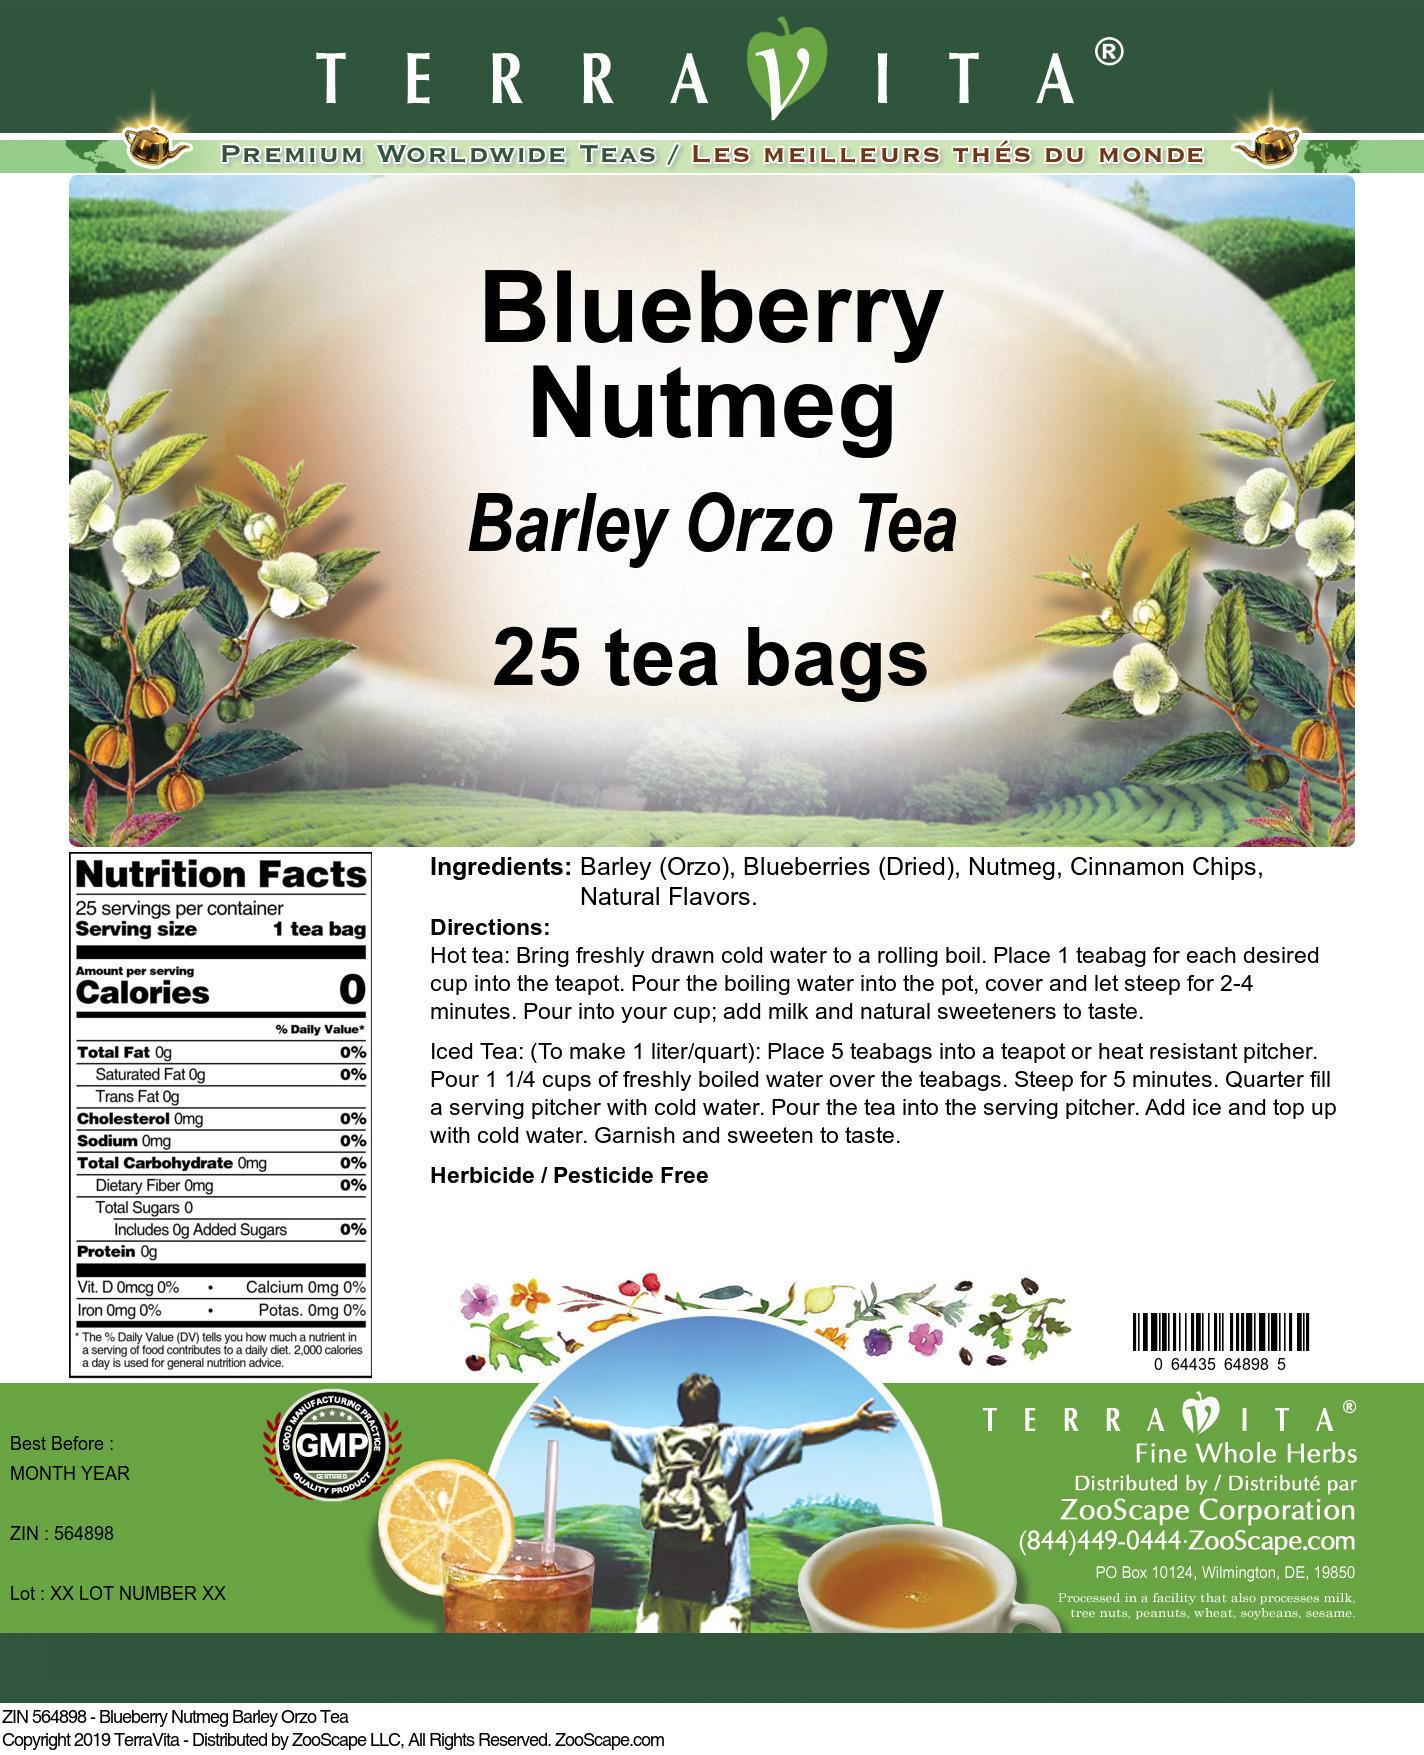 Blueberry Nutmeg Barley Orzo